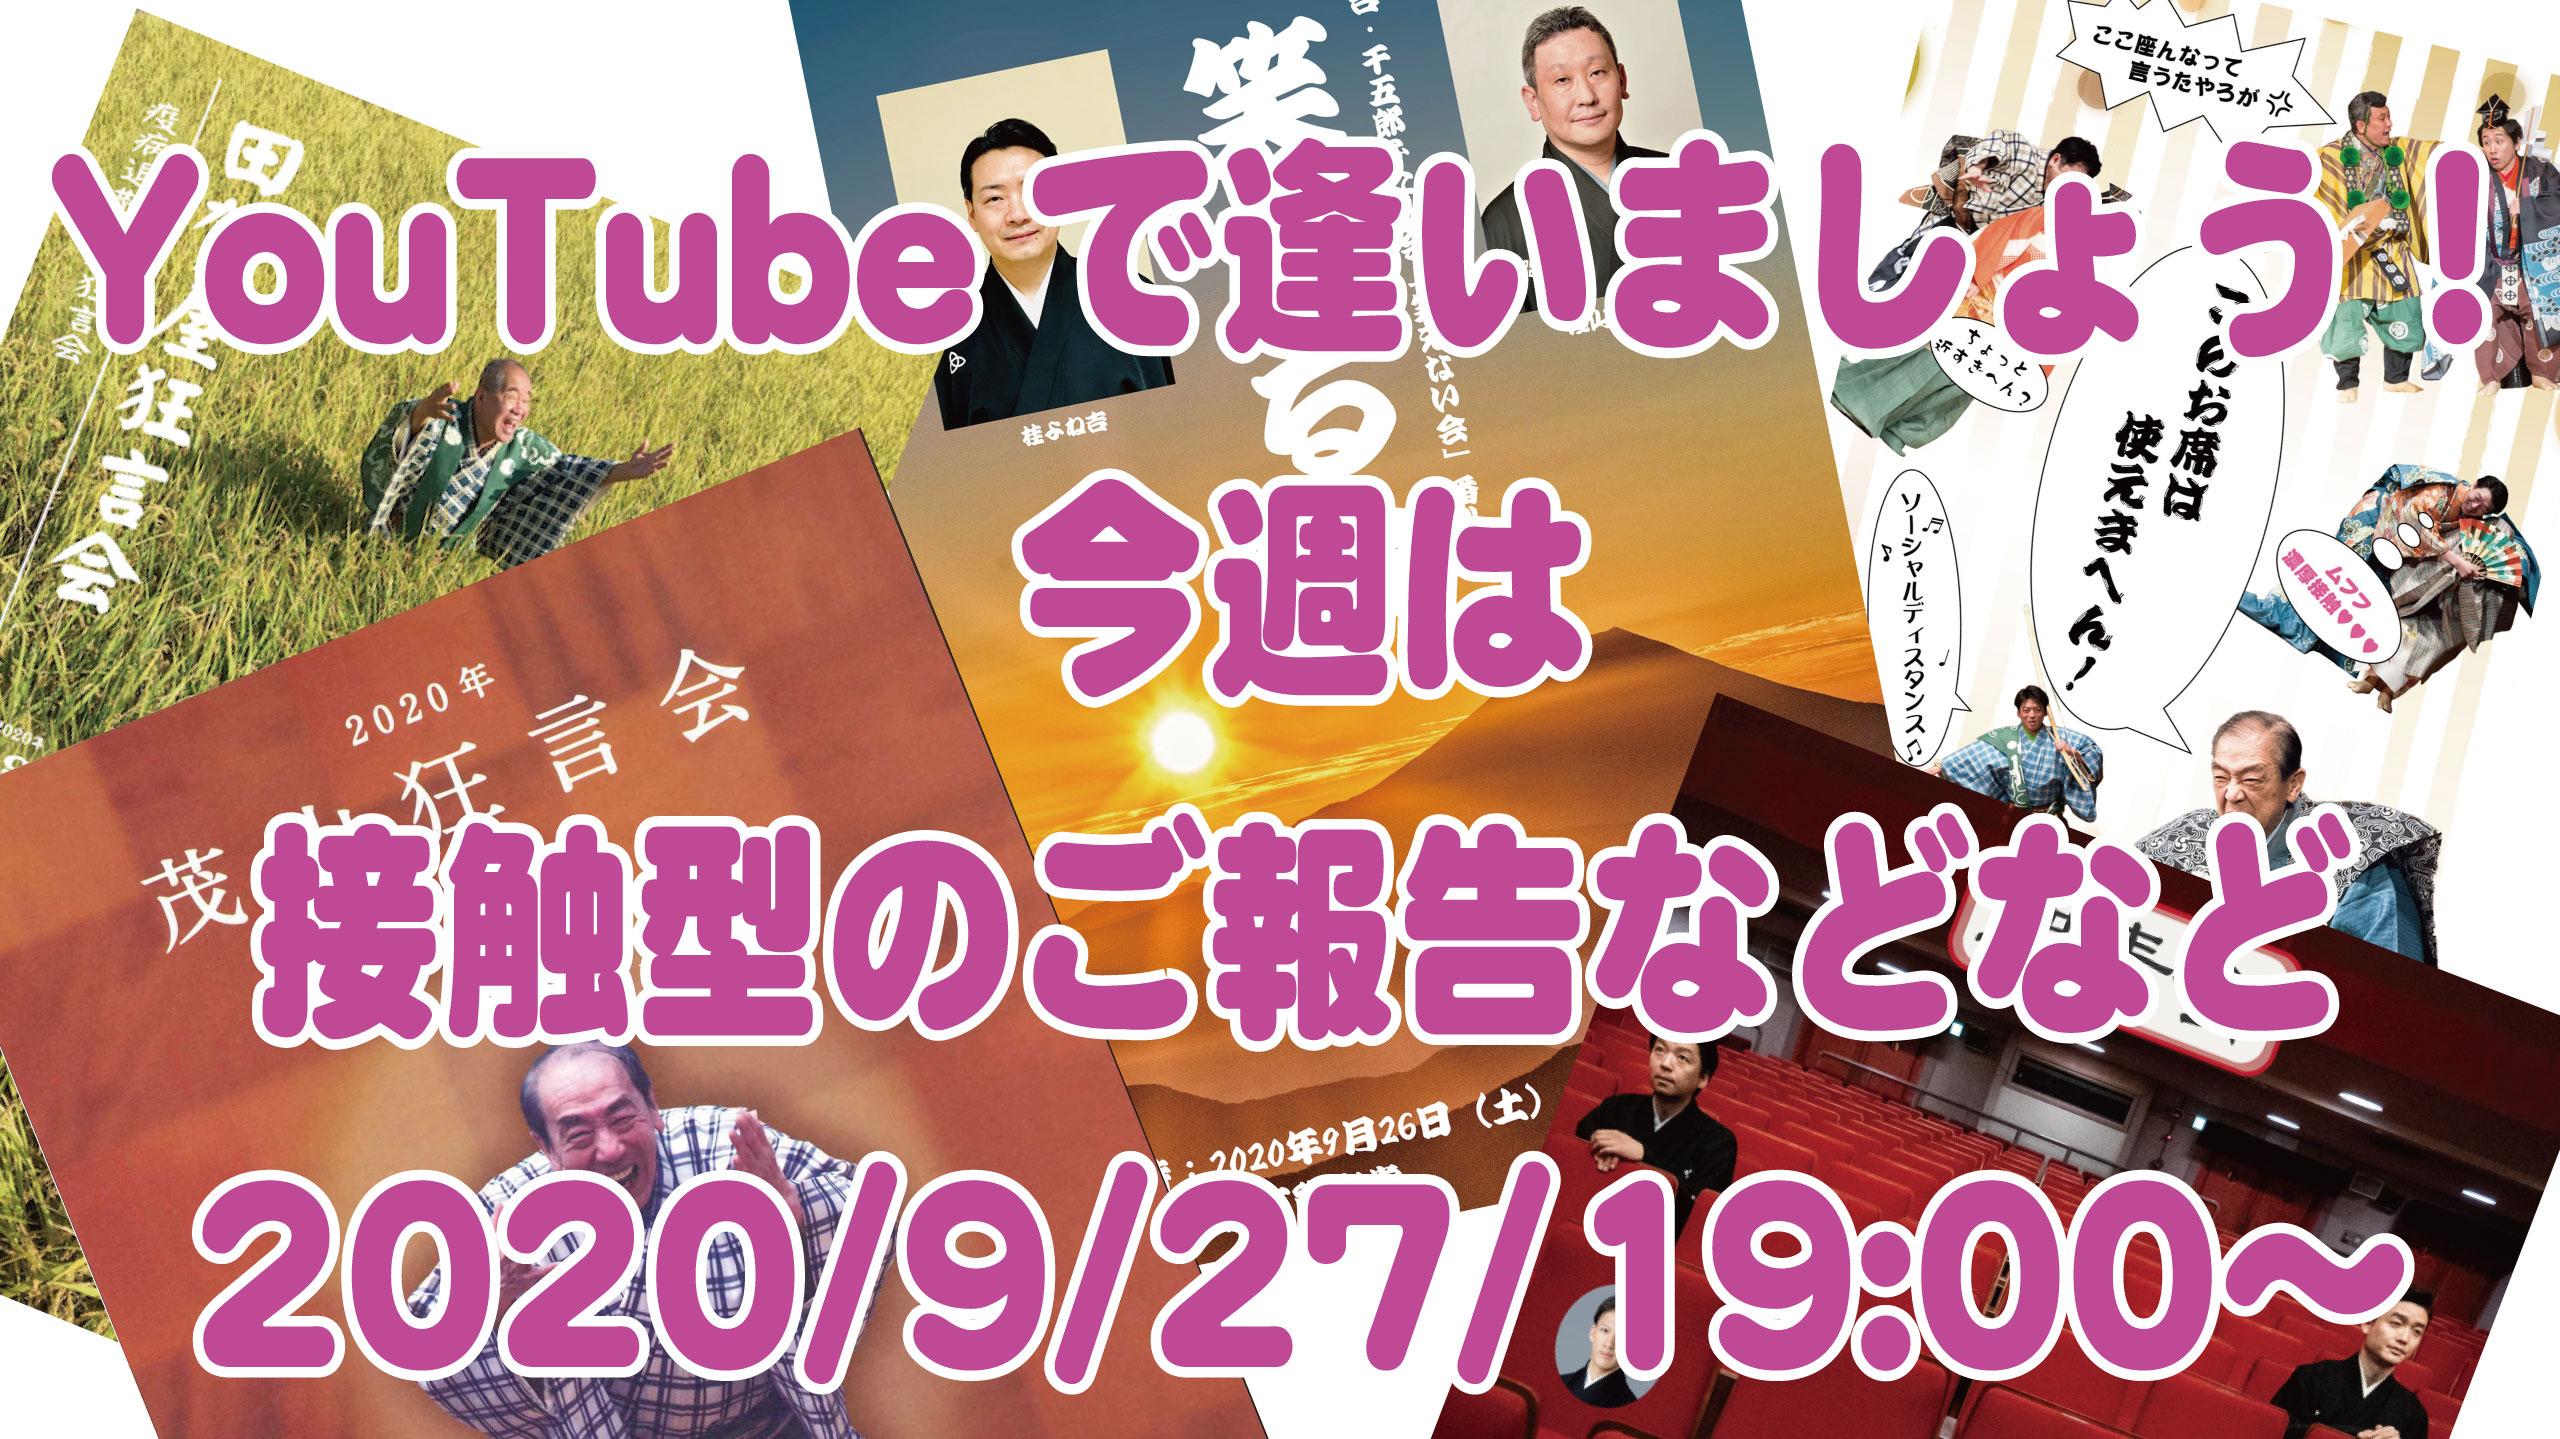 YouTubeで逢いましょう!